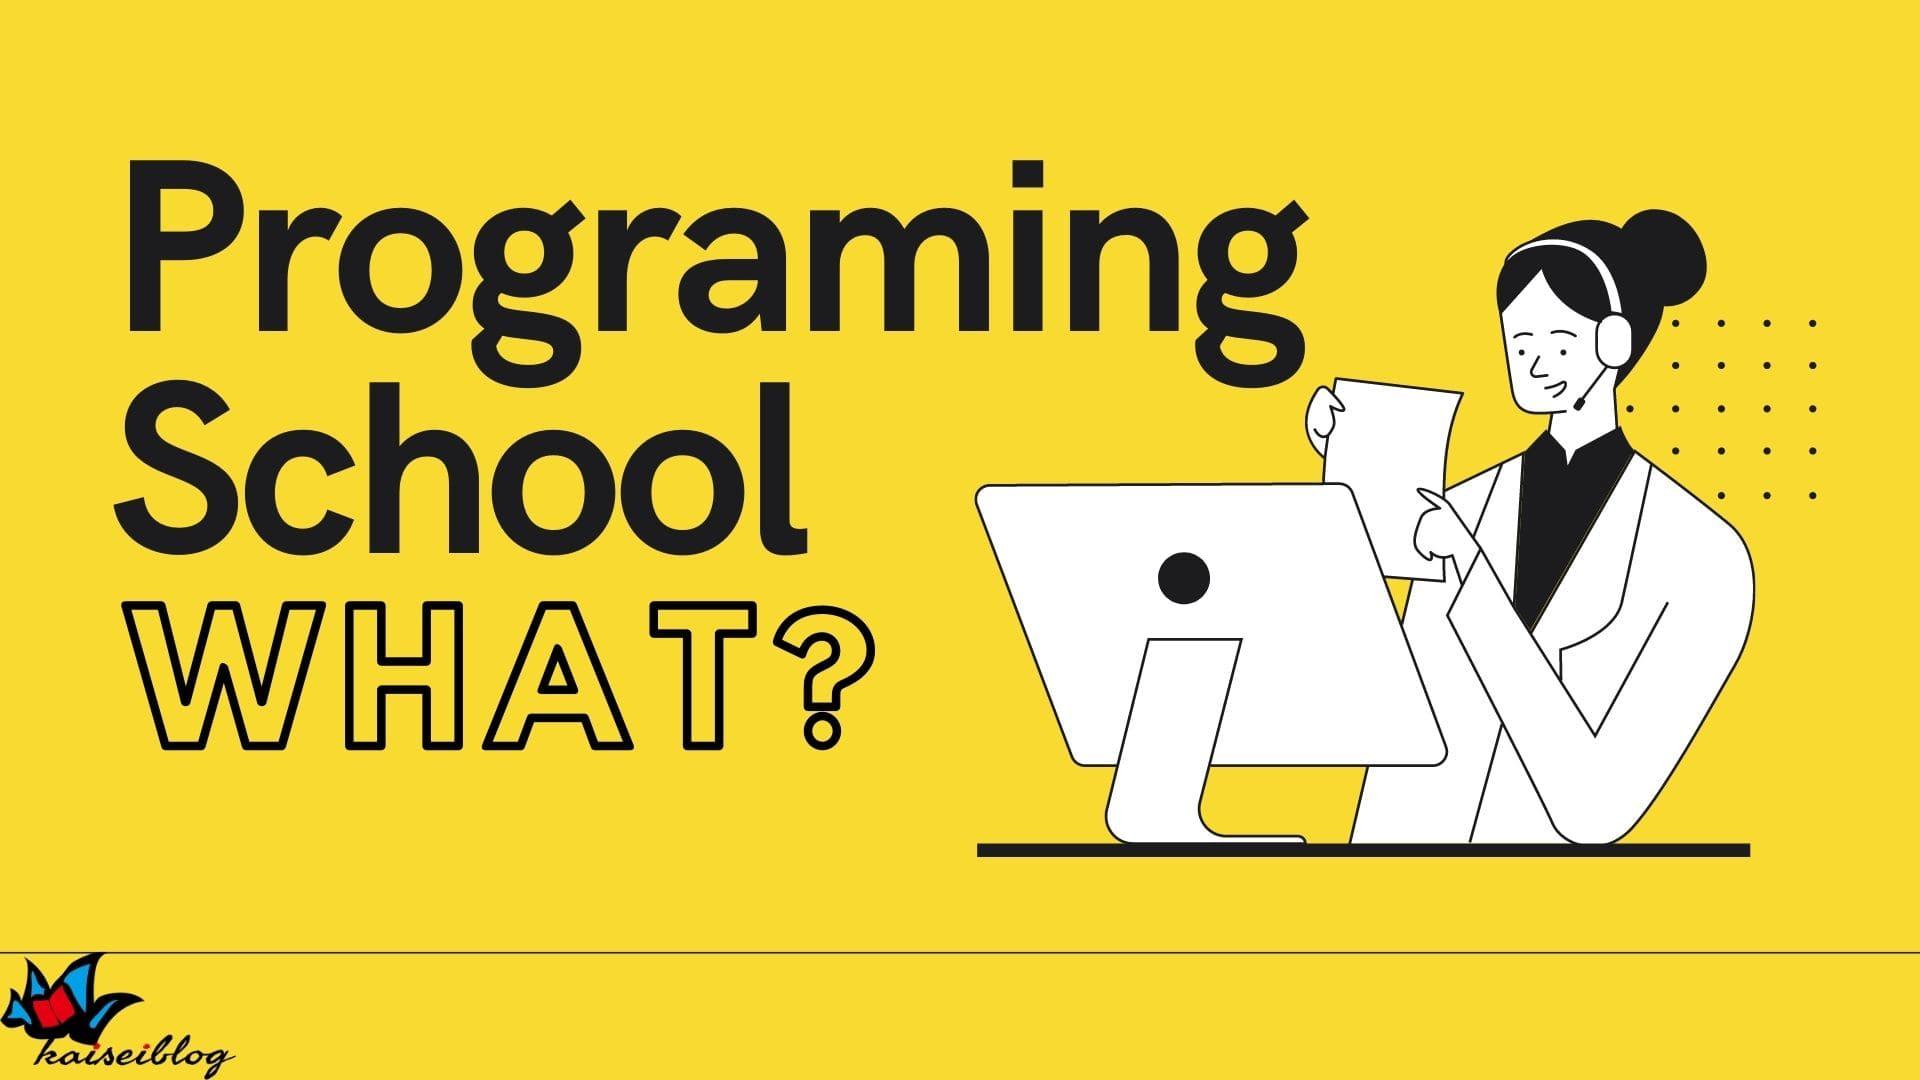 プログラミングスクール とは